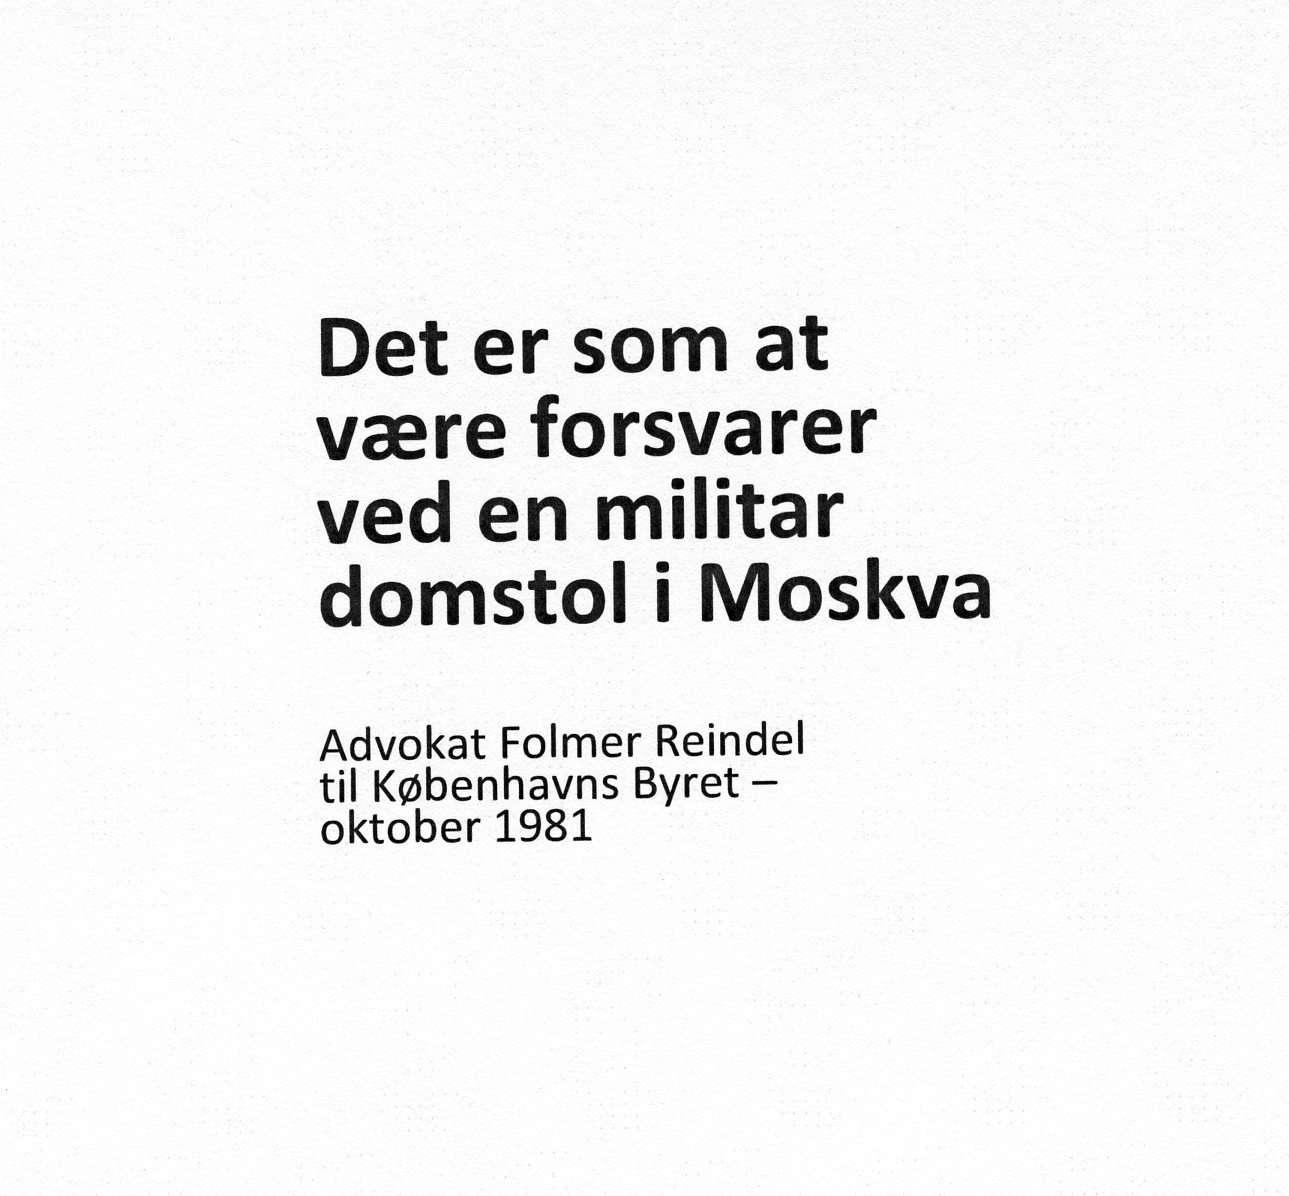 Quotes in Danish - no edit (20)